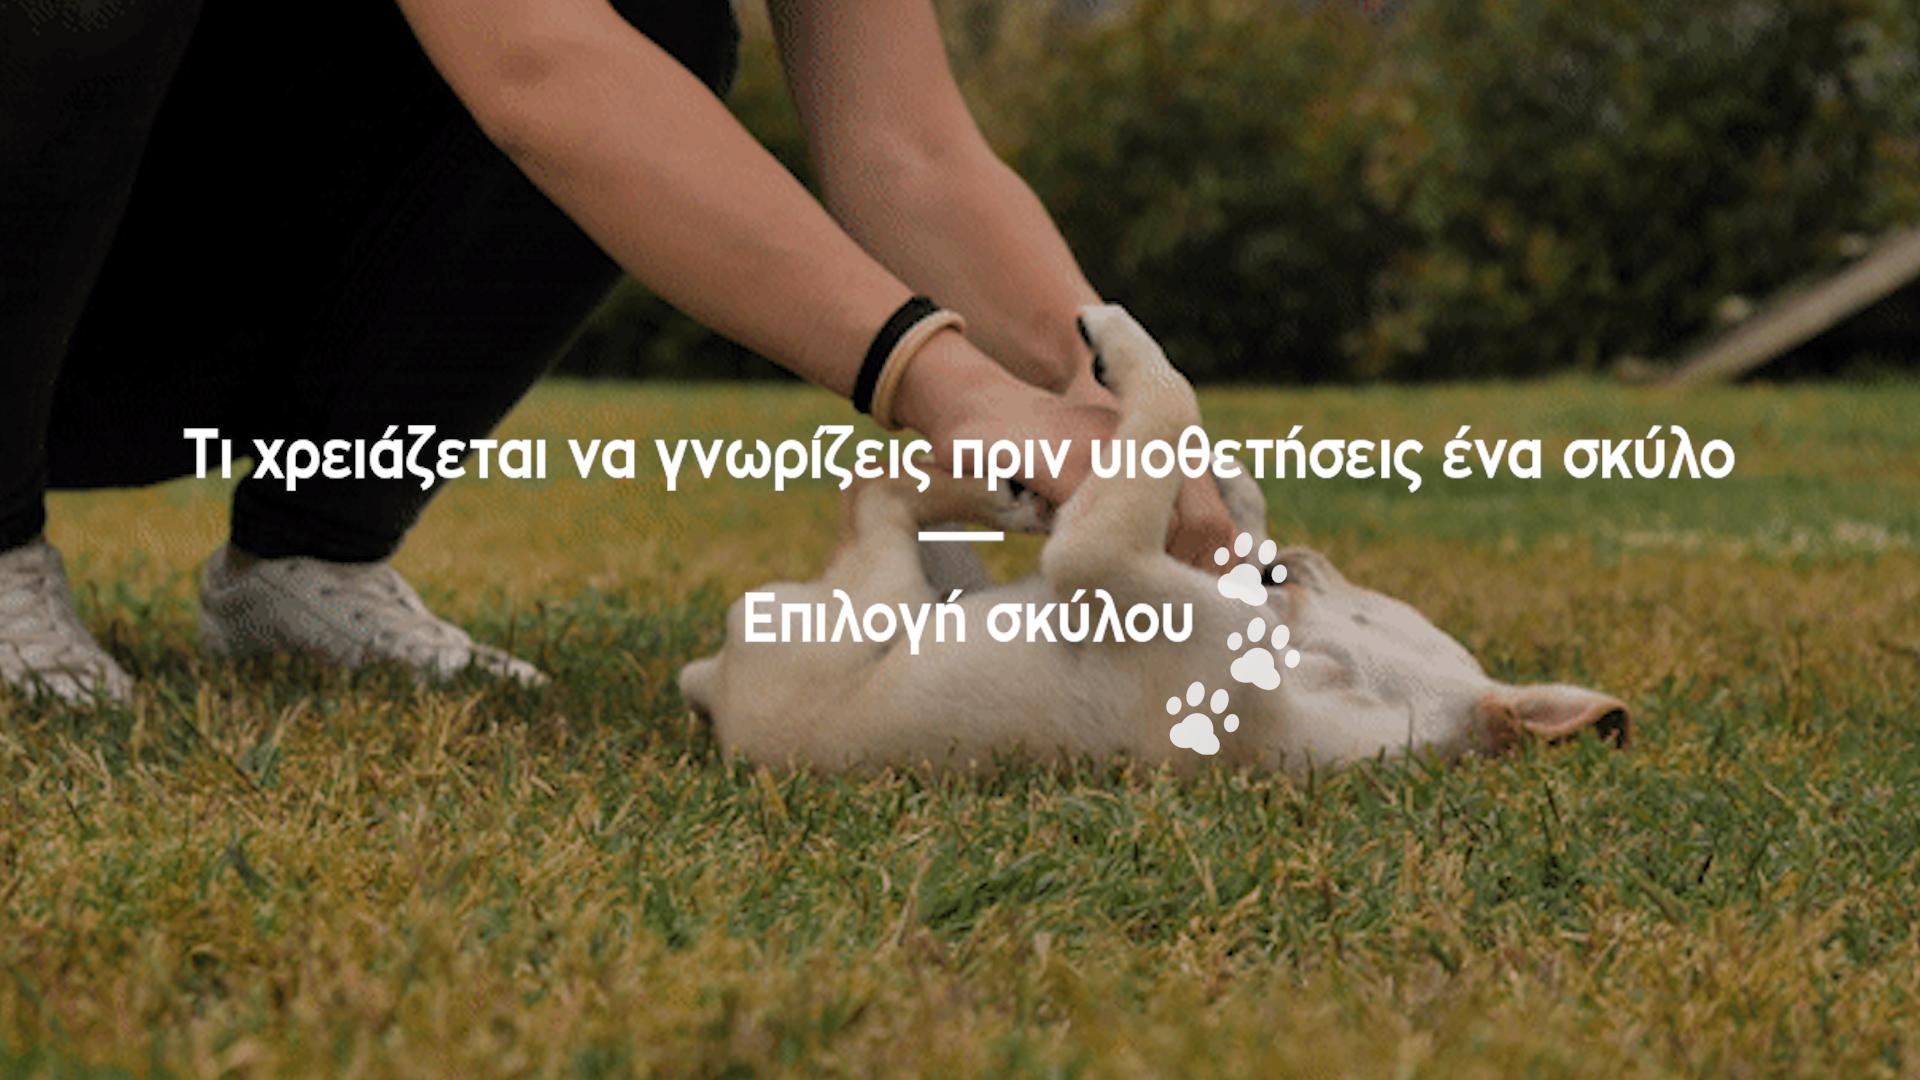 thumbnail-ti-xreiazetai-na-gnwrizeis-prin-uiothetiseis-ena-skylo-arthro